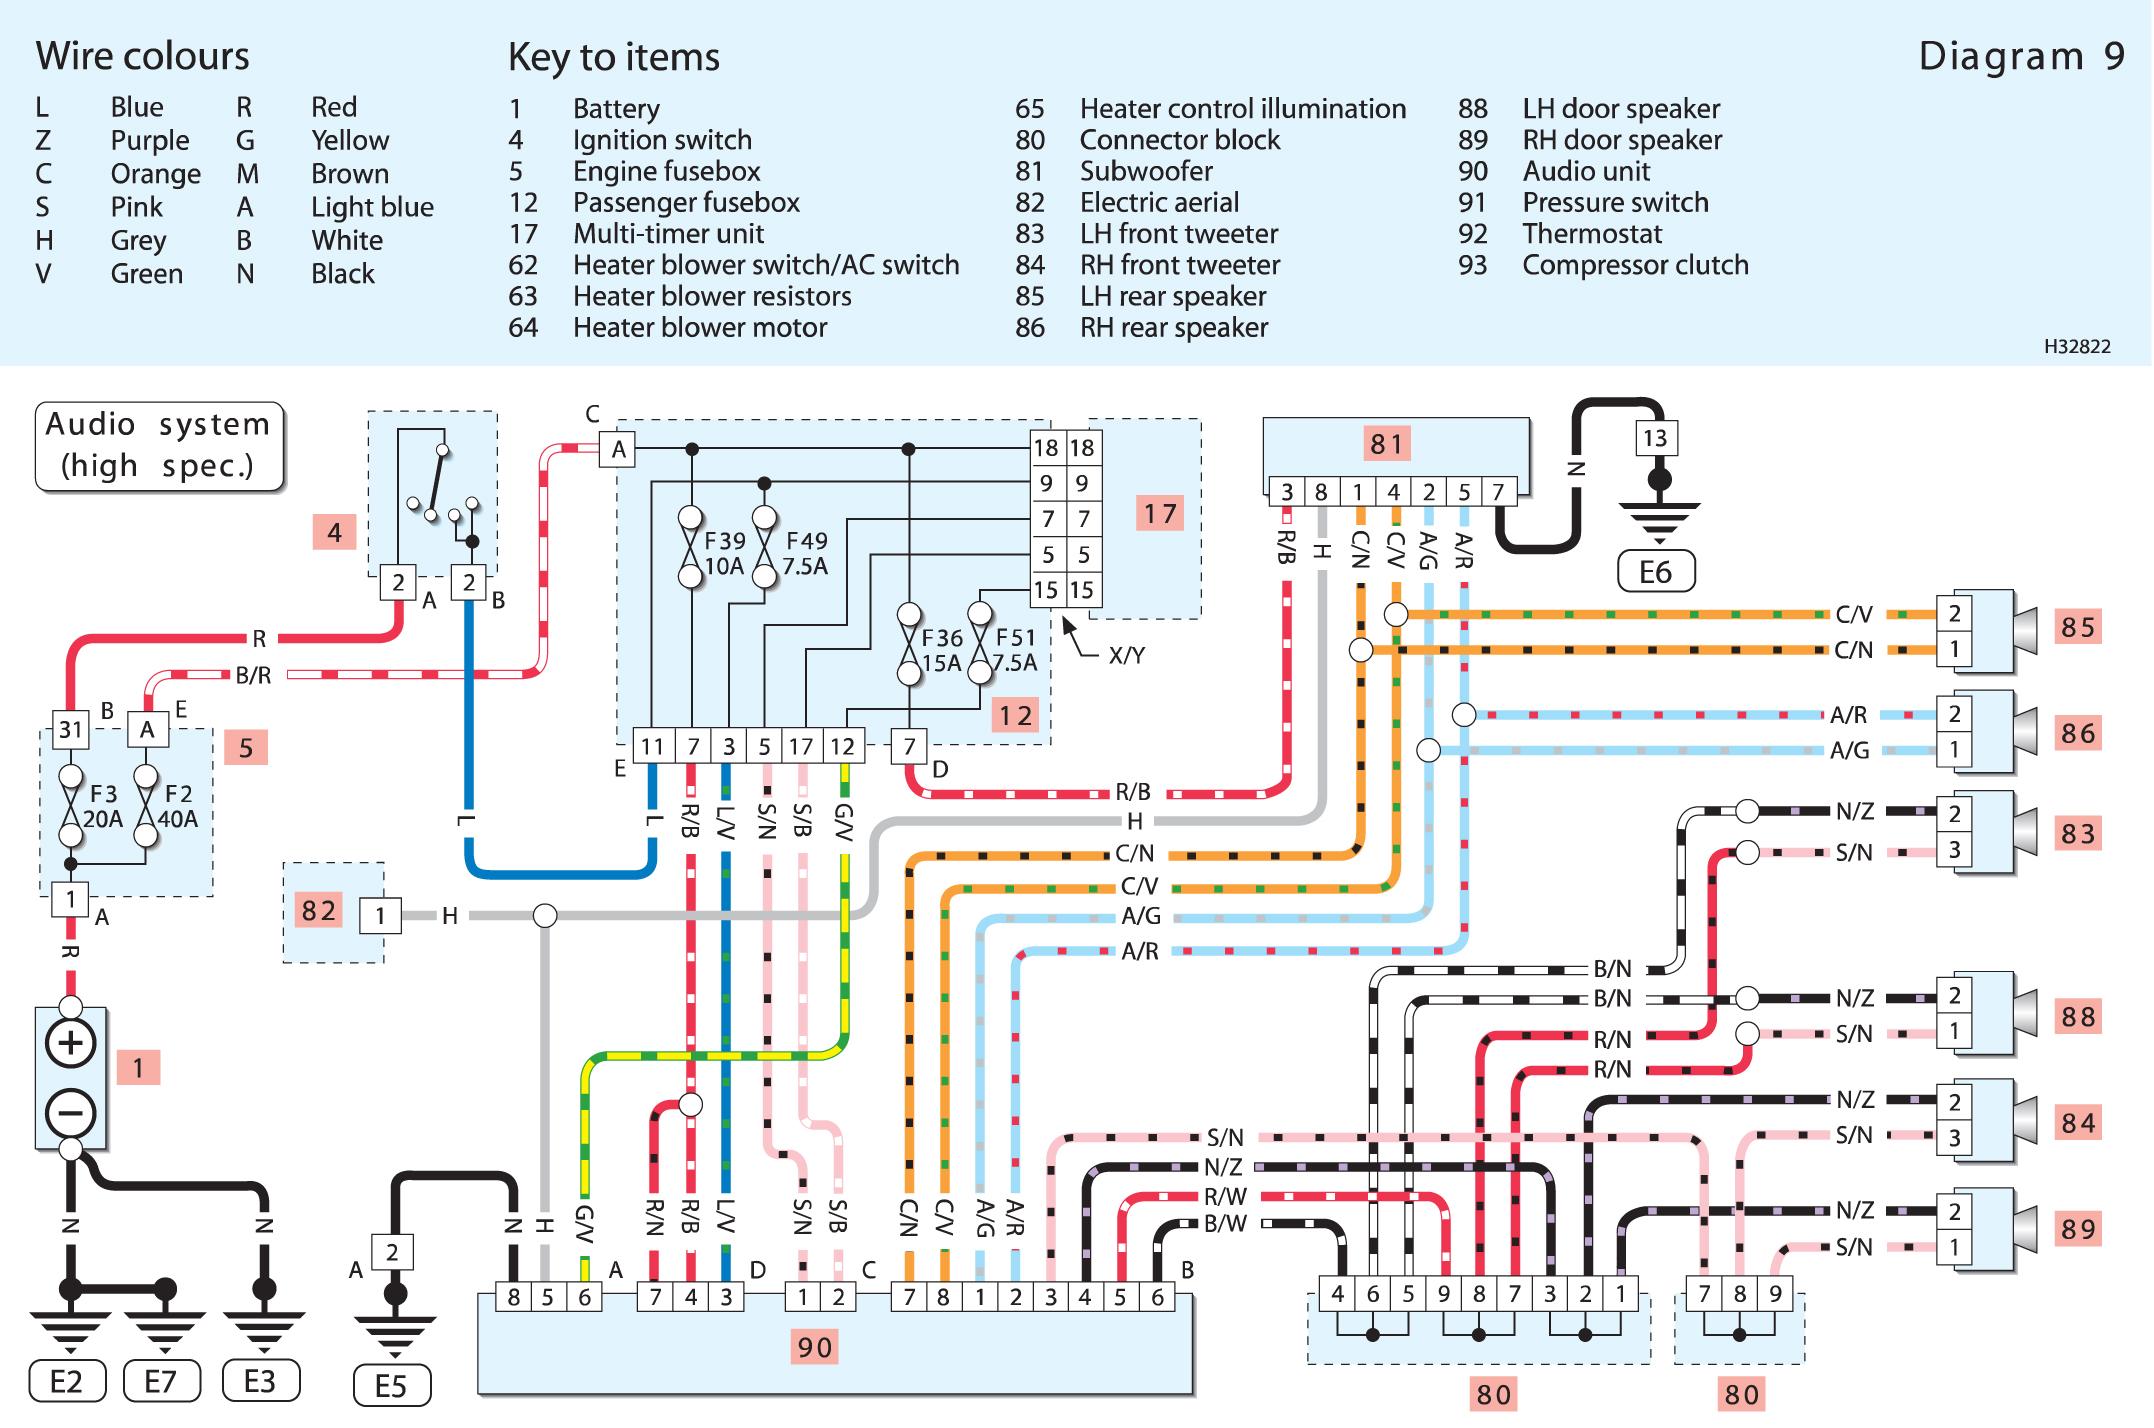 fiat punto wiring diagram mk2 Fiat Panda Fuse Box Diagram technical 2006 punto wiring diagram tail lights the fiat forum fiat panda fuse box diagram